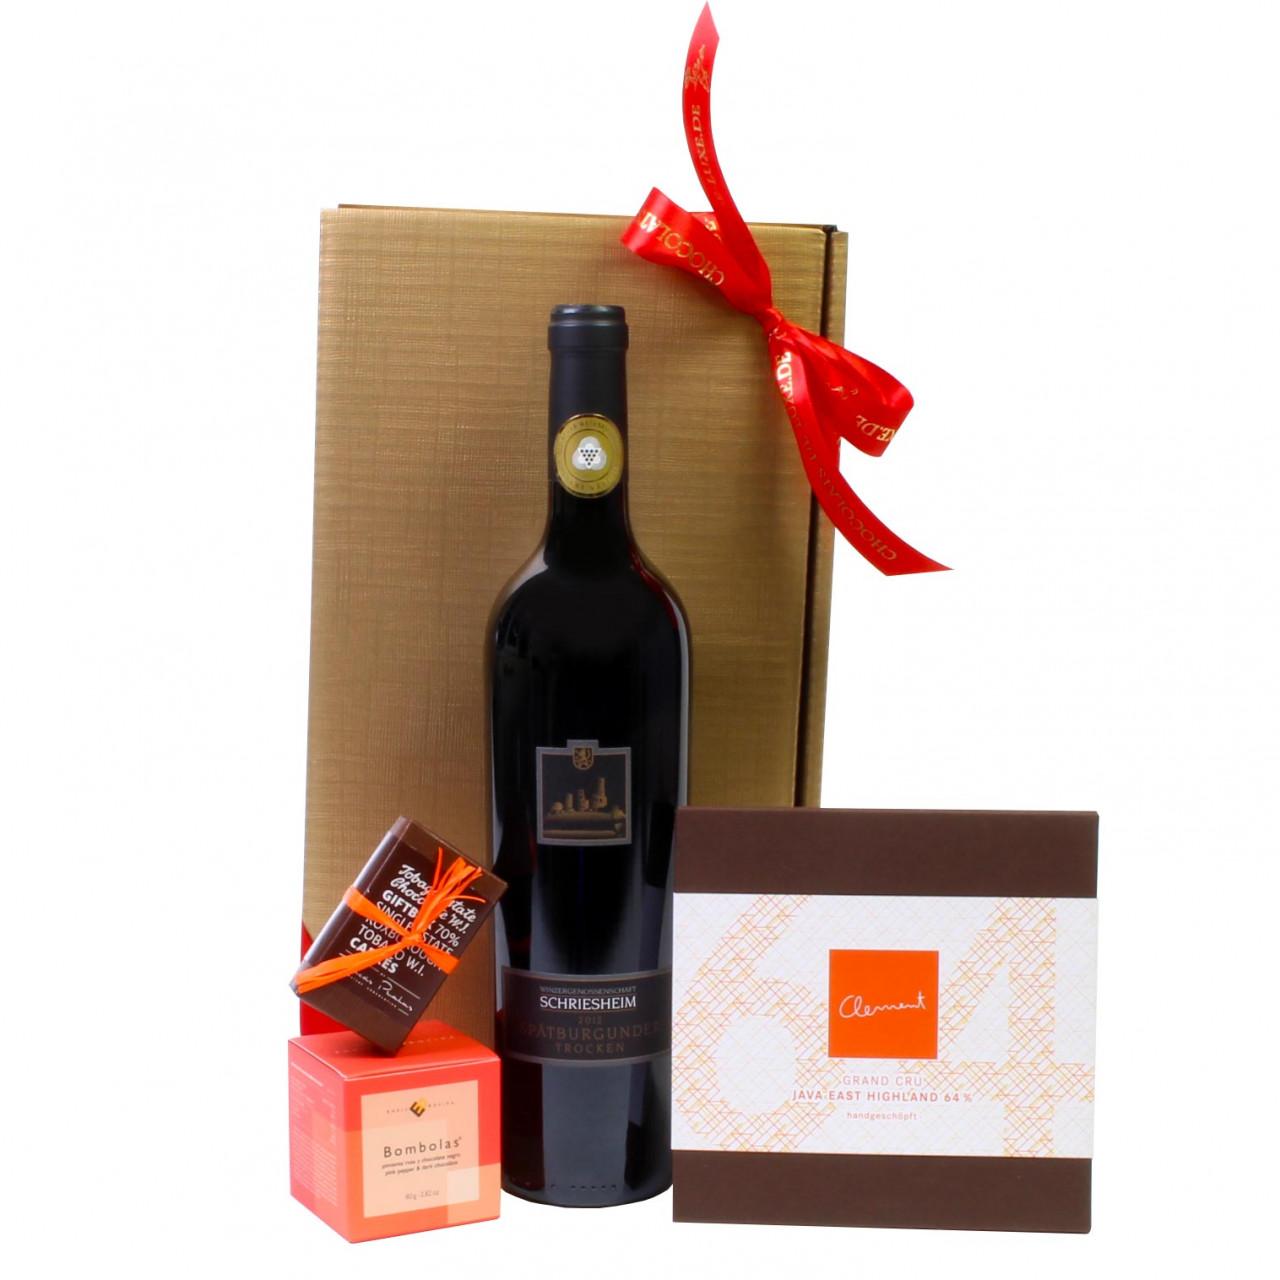 dunkle Schokolade, Geschenkset Wein und Schokolade, dark chocolate, vin rouge, red wine, chocolat noir, dark chocolate, Weihnachtsgeschenk